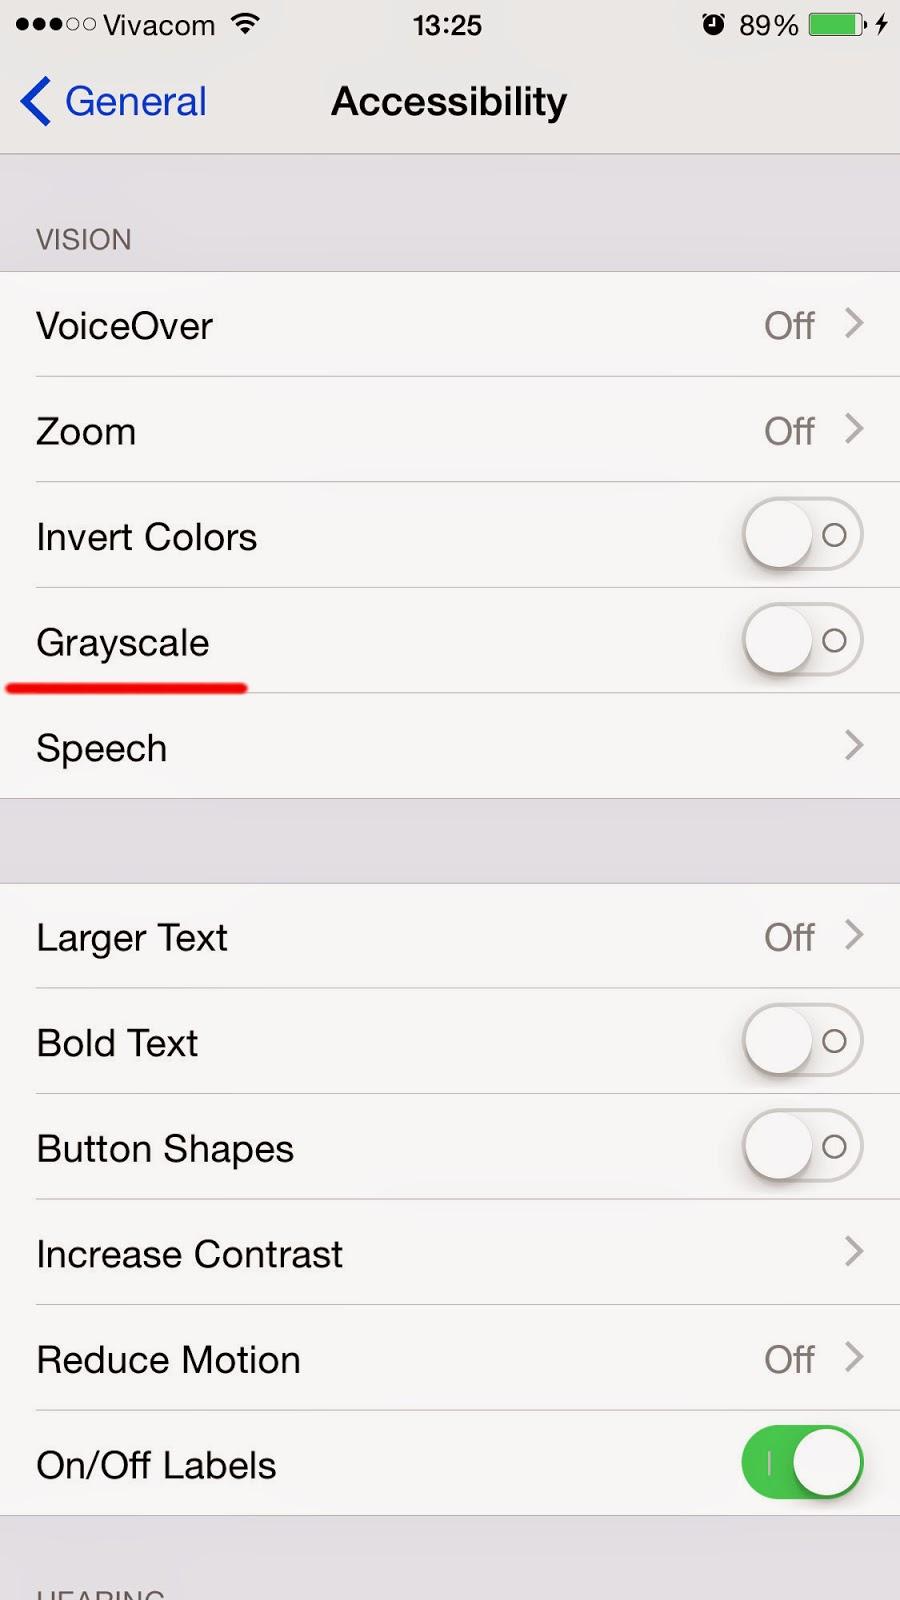 Chuyển sang chế độ màn hình đen trắng trên điện thoại iPhone